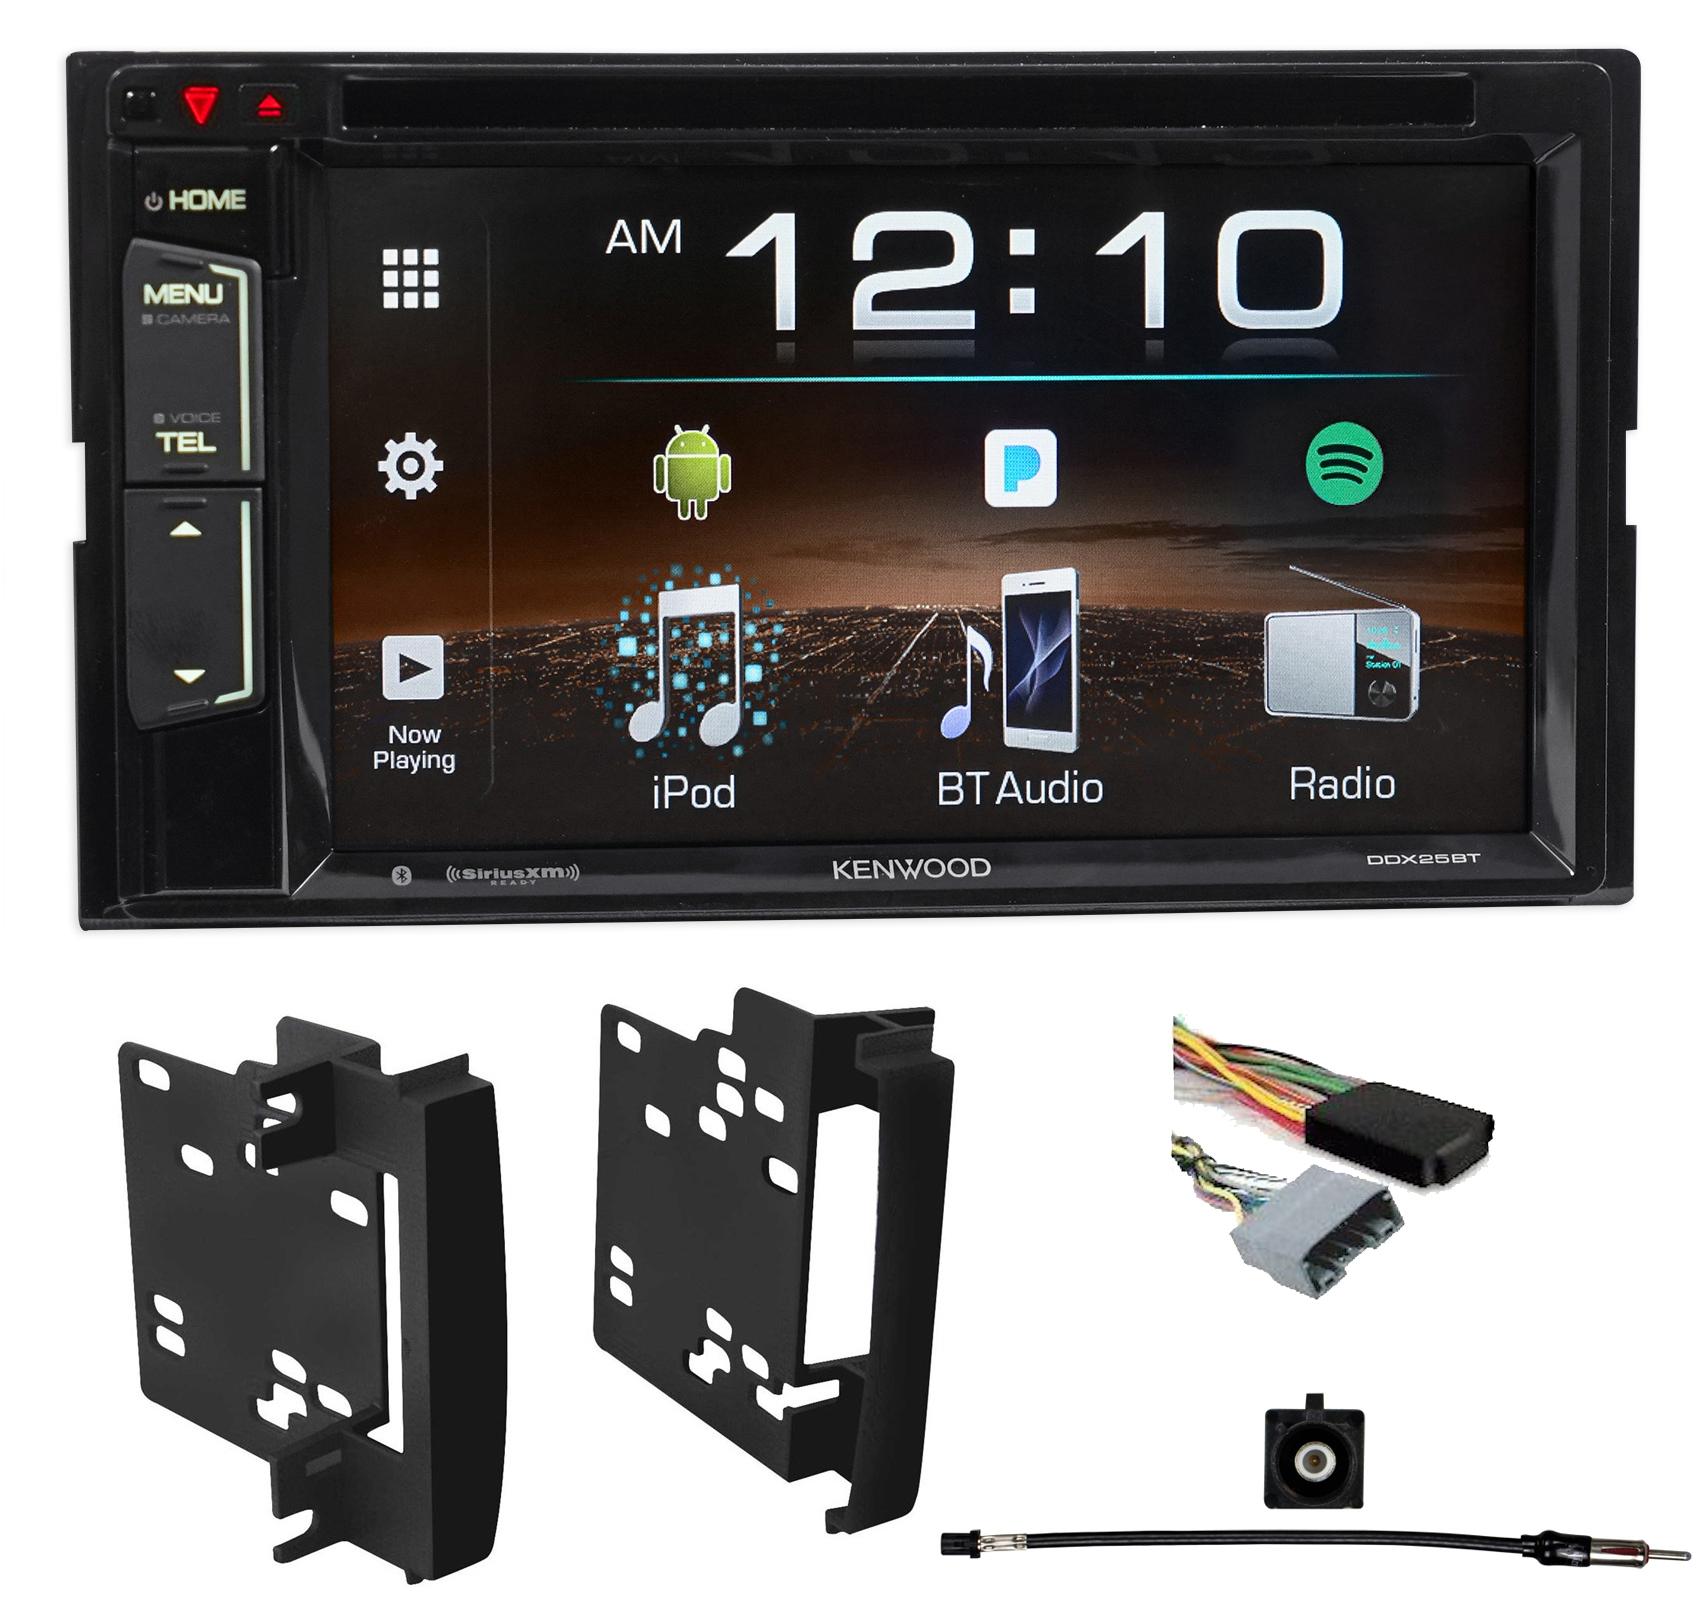 2007-2010 Chrysler Sebring Kenwood Car DVD iPhone Bluetooth USB Pandora Receiver by Kenwood